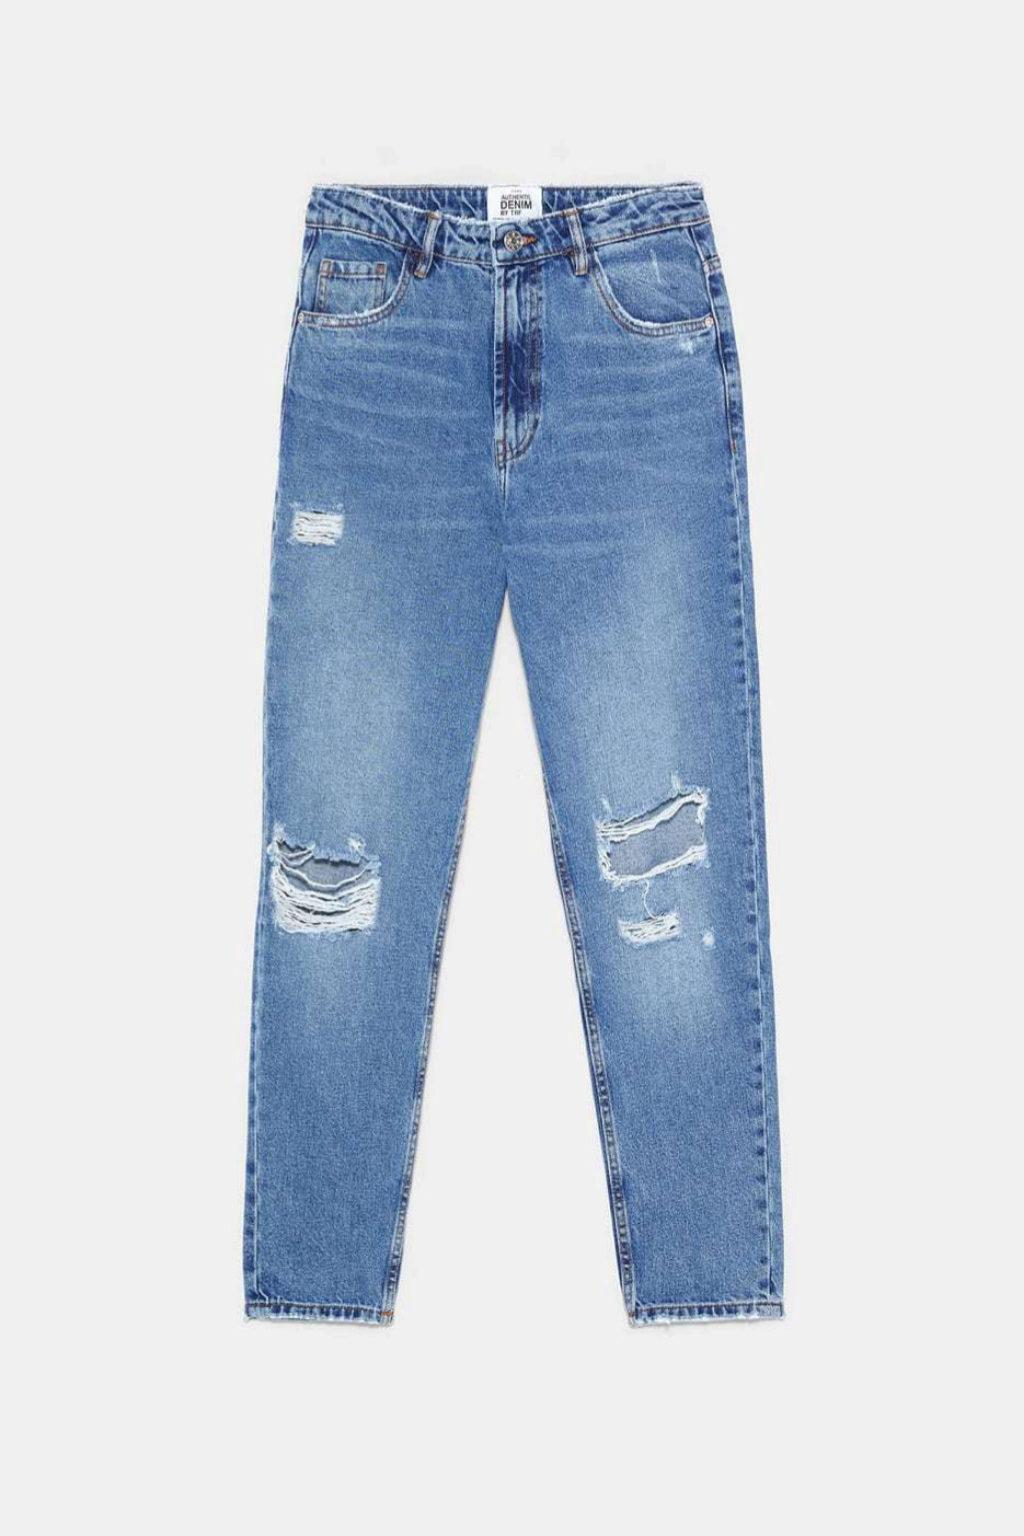 Jeans con rotos tipo mum de Zara